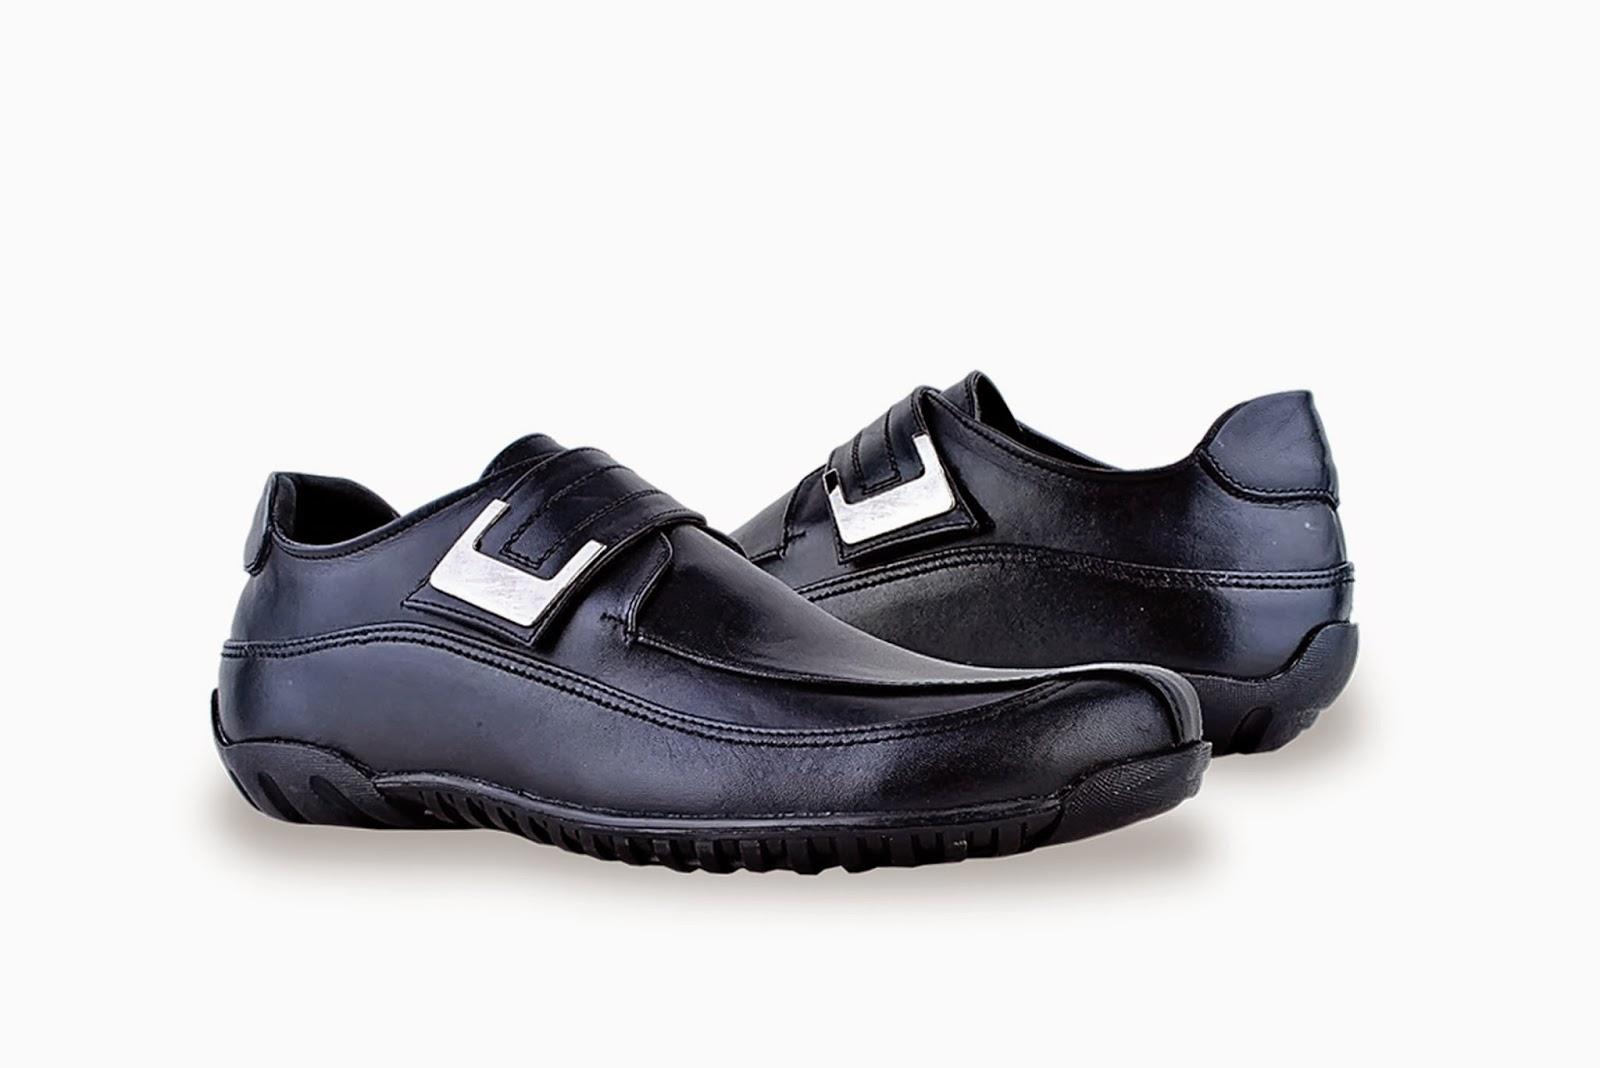 Sepatu Kerja Pria Keren, Jual Sepatu Kerja Pria Keren, Sepatu Kerja Pria Keren Harga Murah, Sepatu Kerja Pria Keren Online